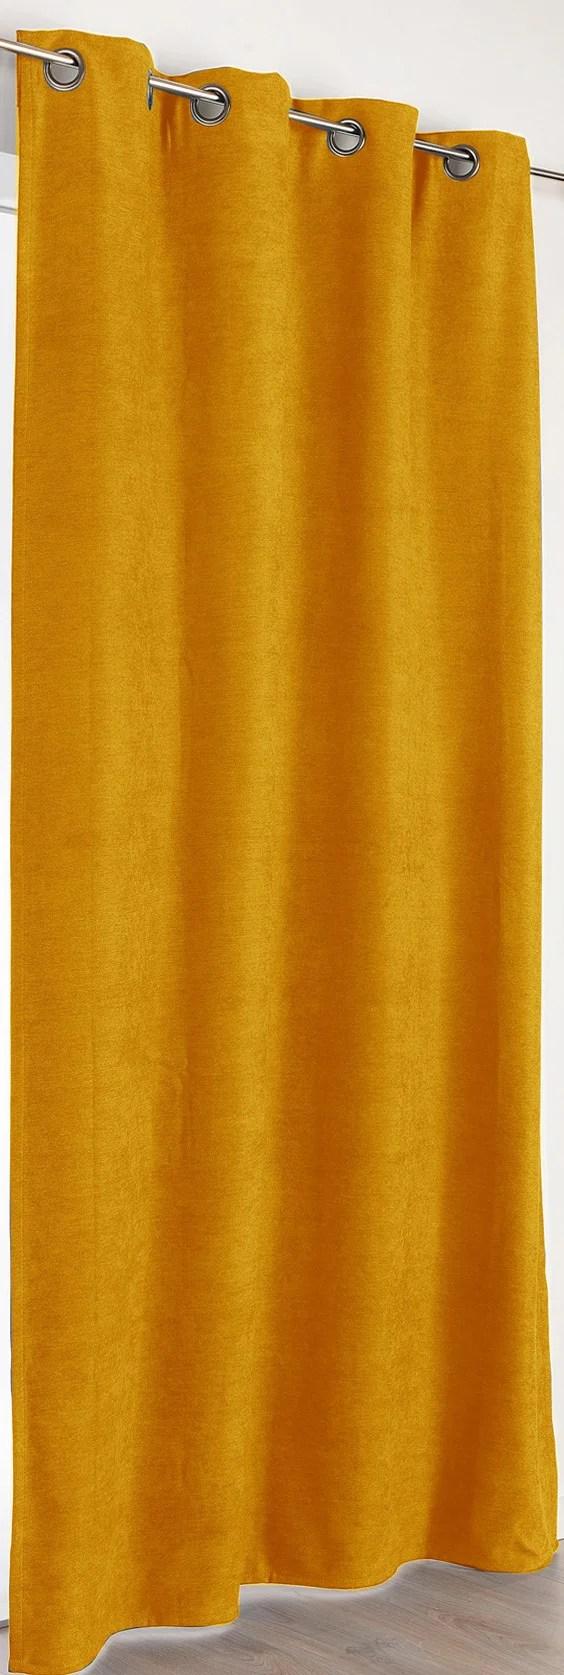 rideau occultant thermique alaska jaune moutarde l 140 x h 260 cm